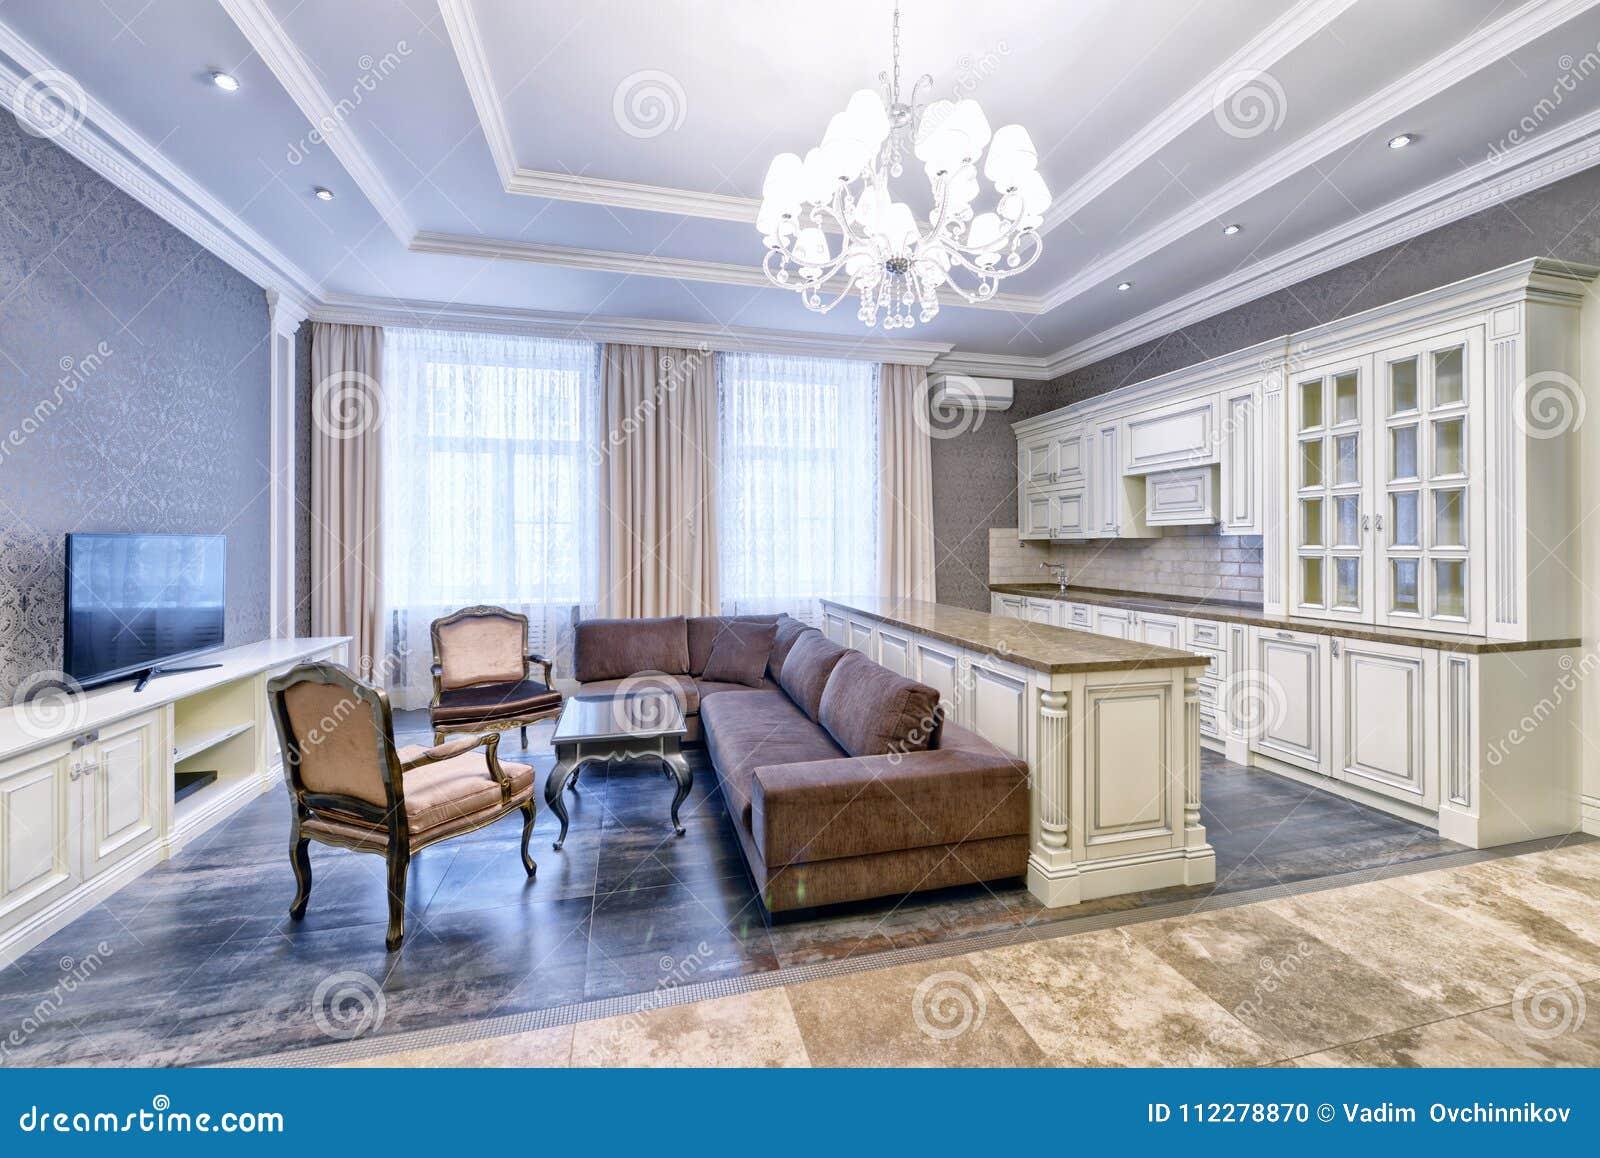 Moderner Innenraum Des Wohnkucheraumes In Einer Geraumigen Wohnung